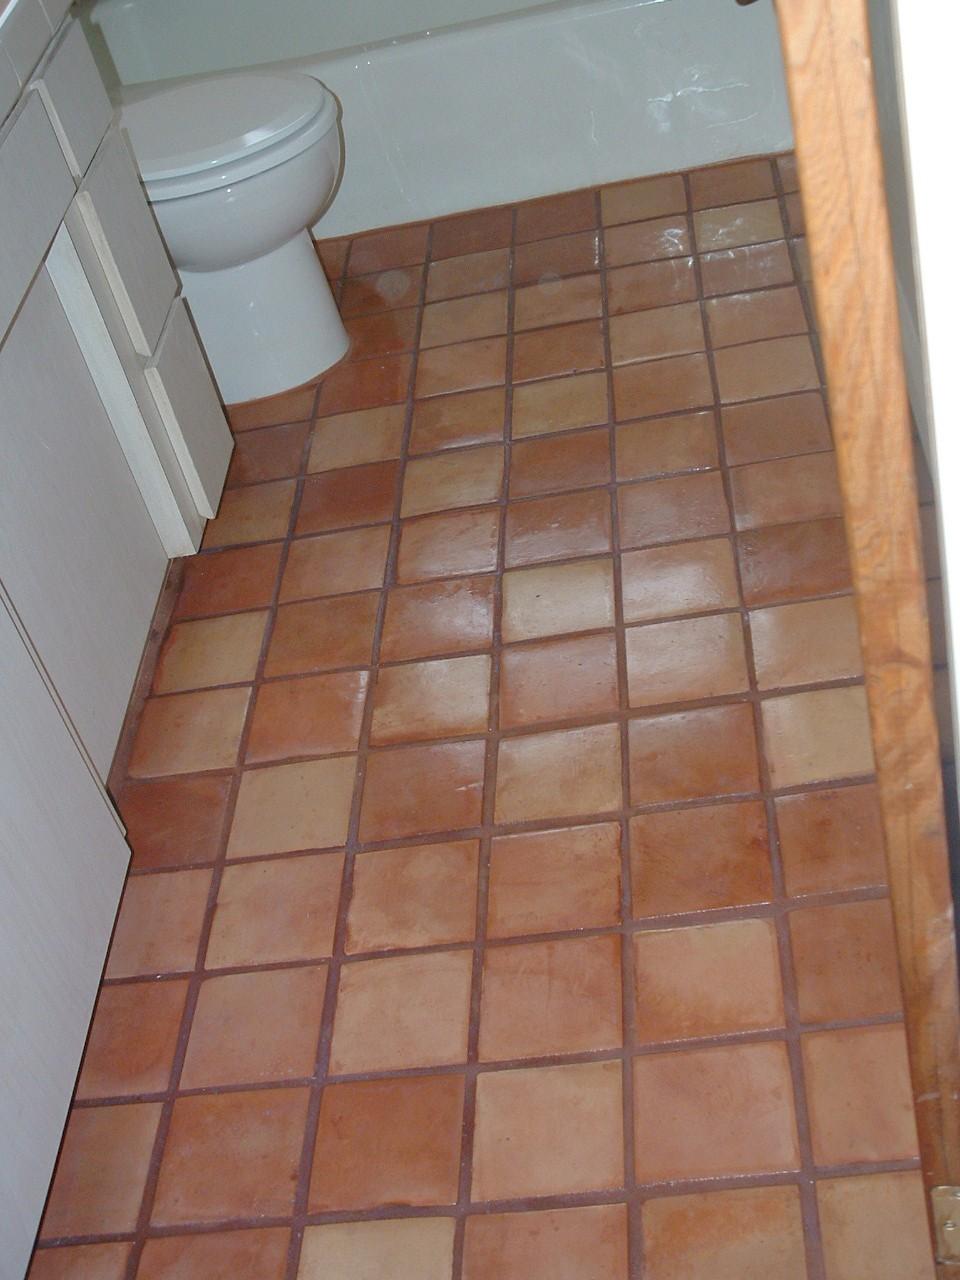 Red Bricks Bathroom Floor Tiles Design in Pakistan  Pak